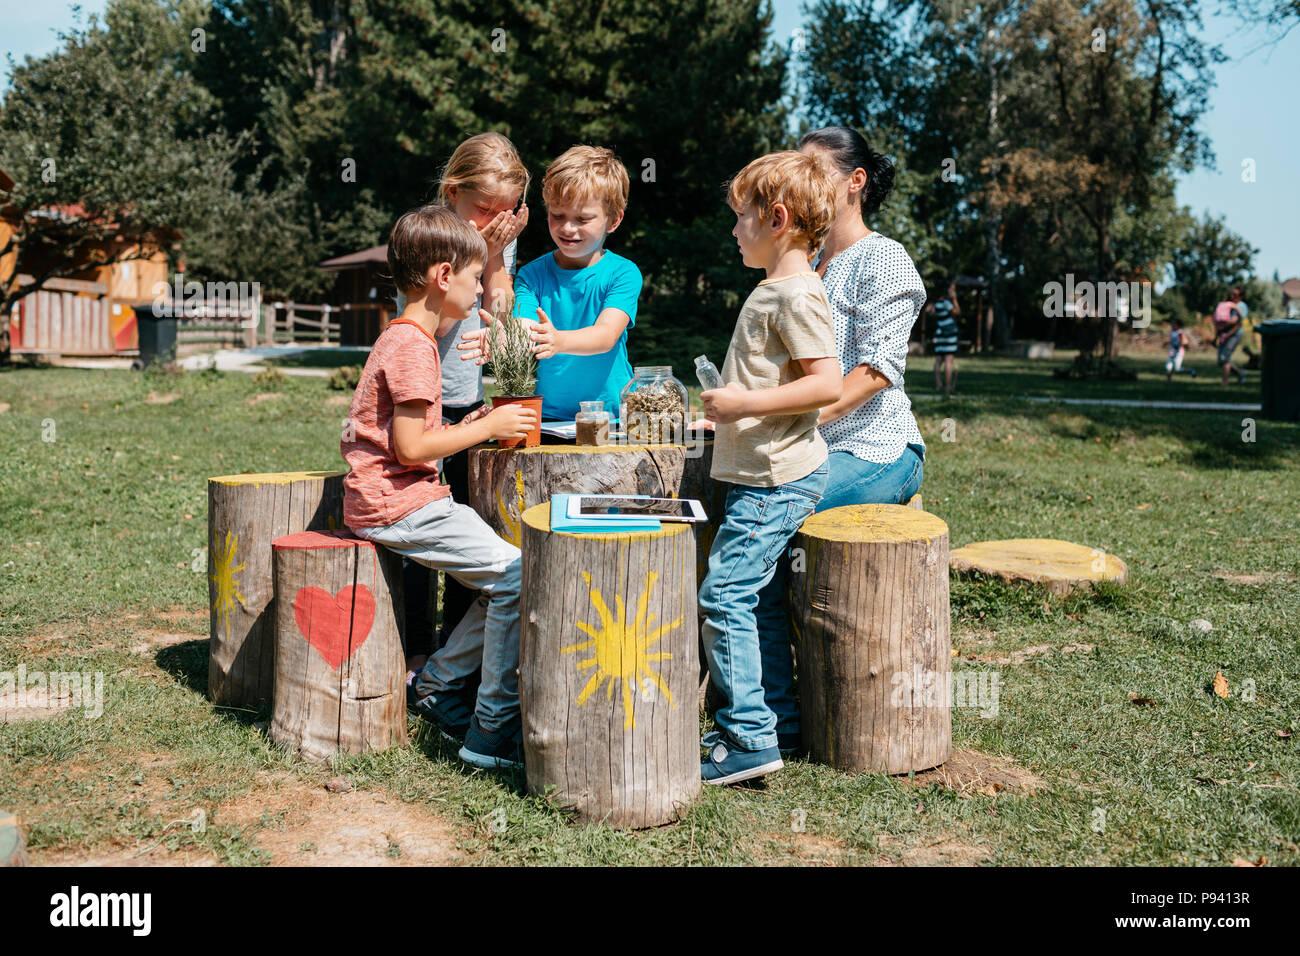 Groupe de jeunes écoliers ayant une leçon en extérieur dans un parc. Les jeunes élèves du primaire à la découverte des herbes à travers leurs sens dans un jardin. Photo Stock